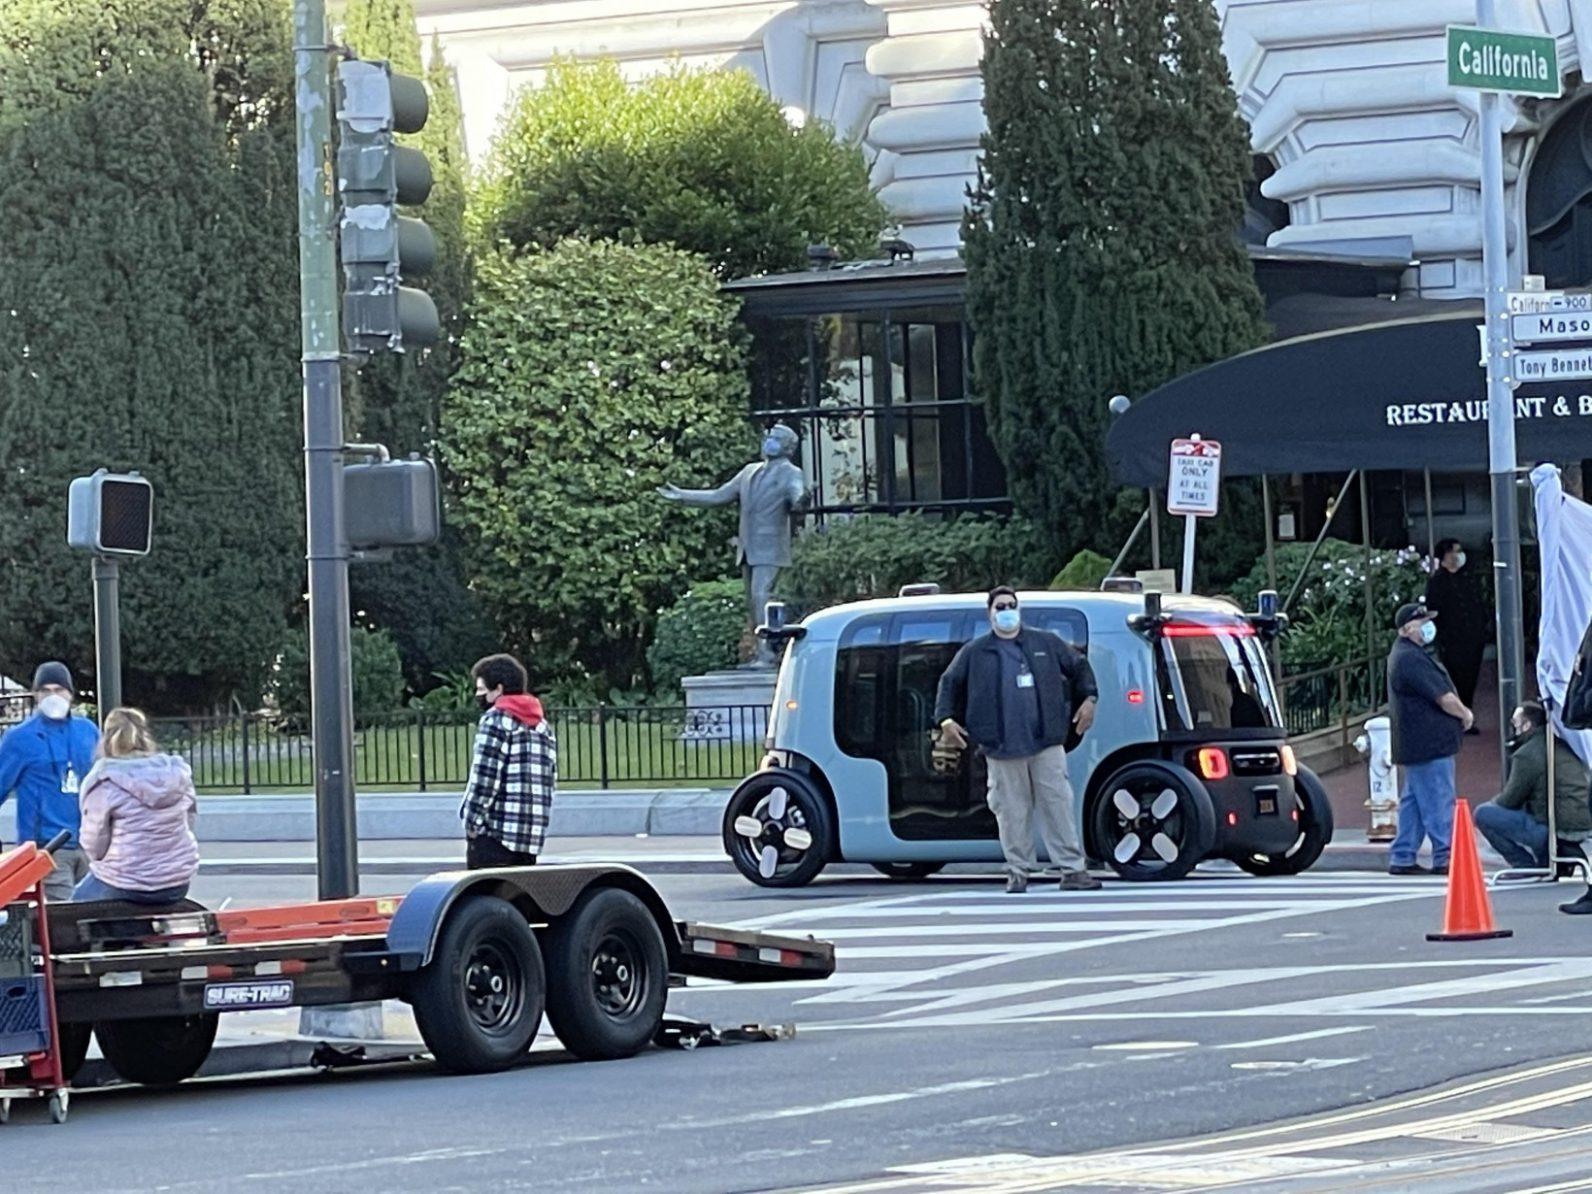 Zoox's new autonomous vehicle